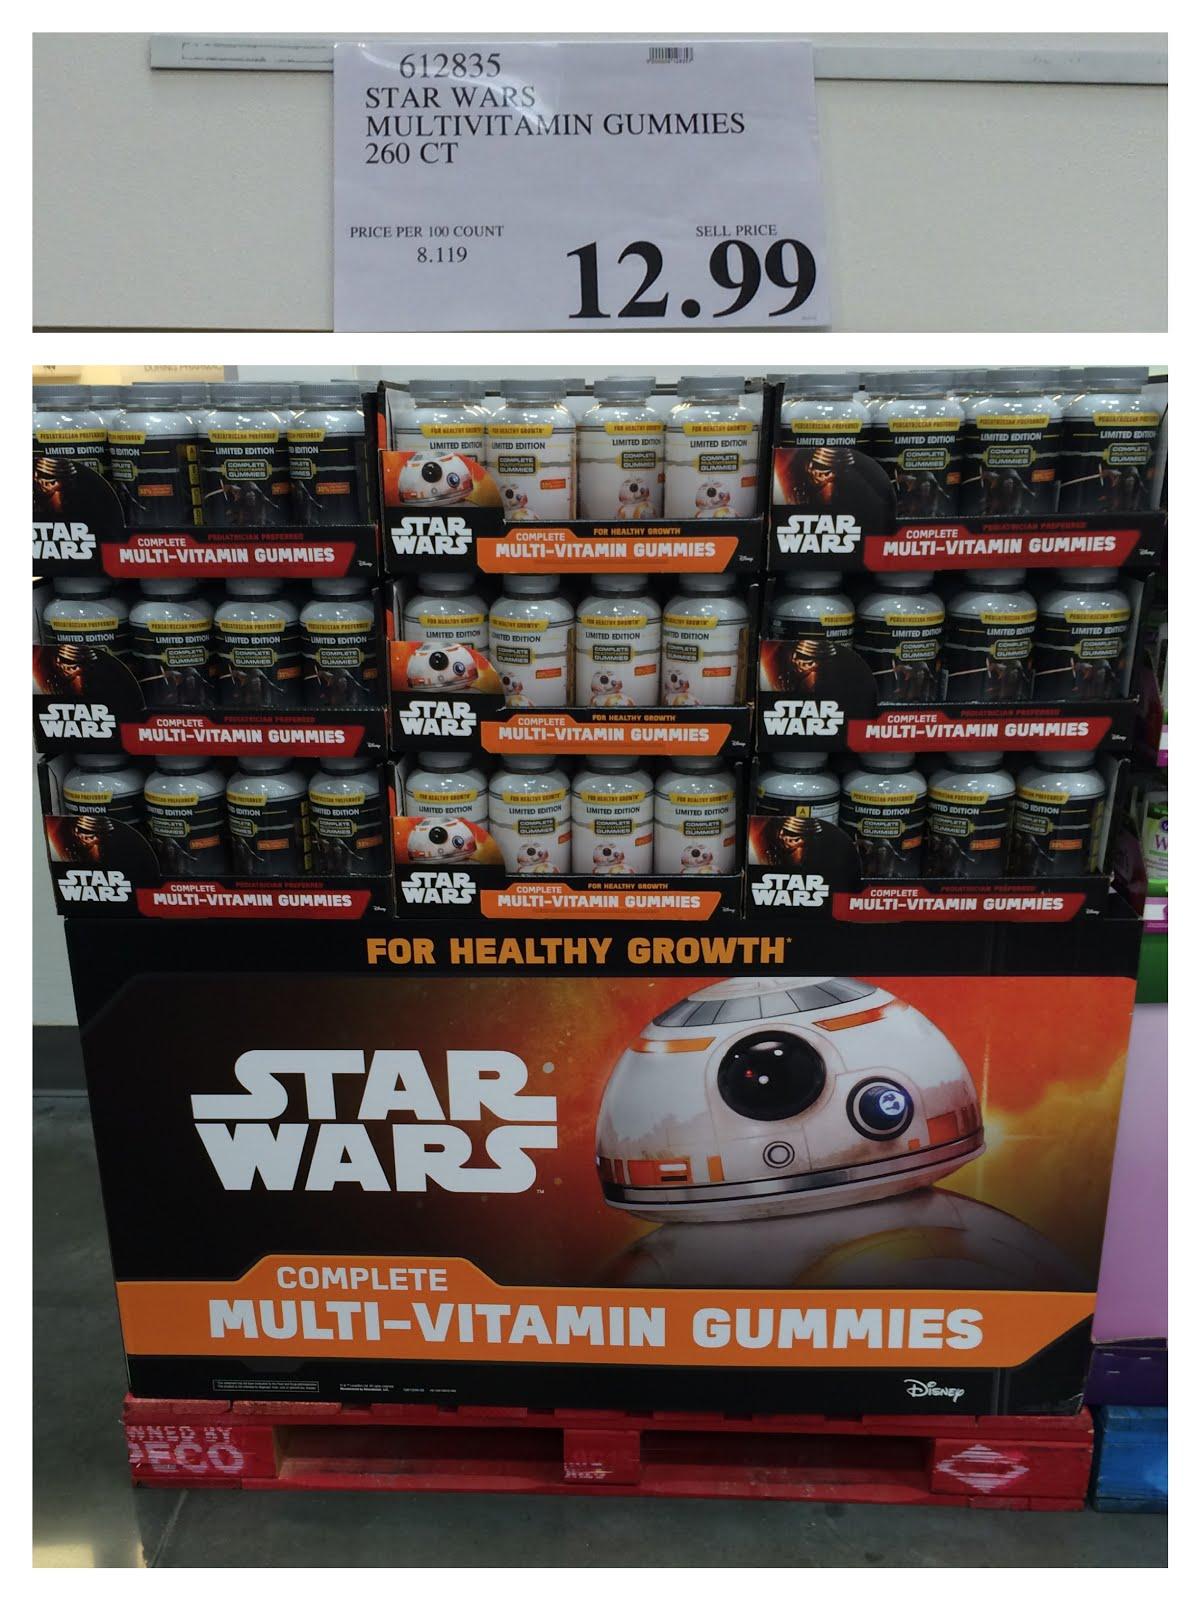 the Costco Connoisseur: Star Wars at Costco!